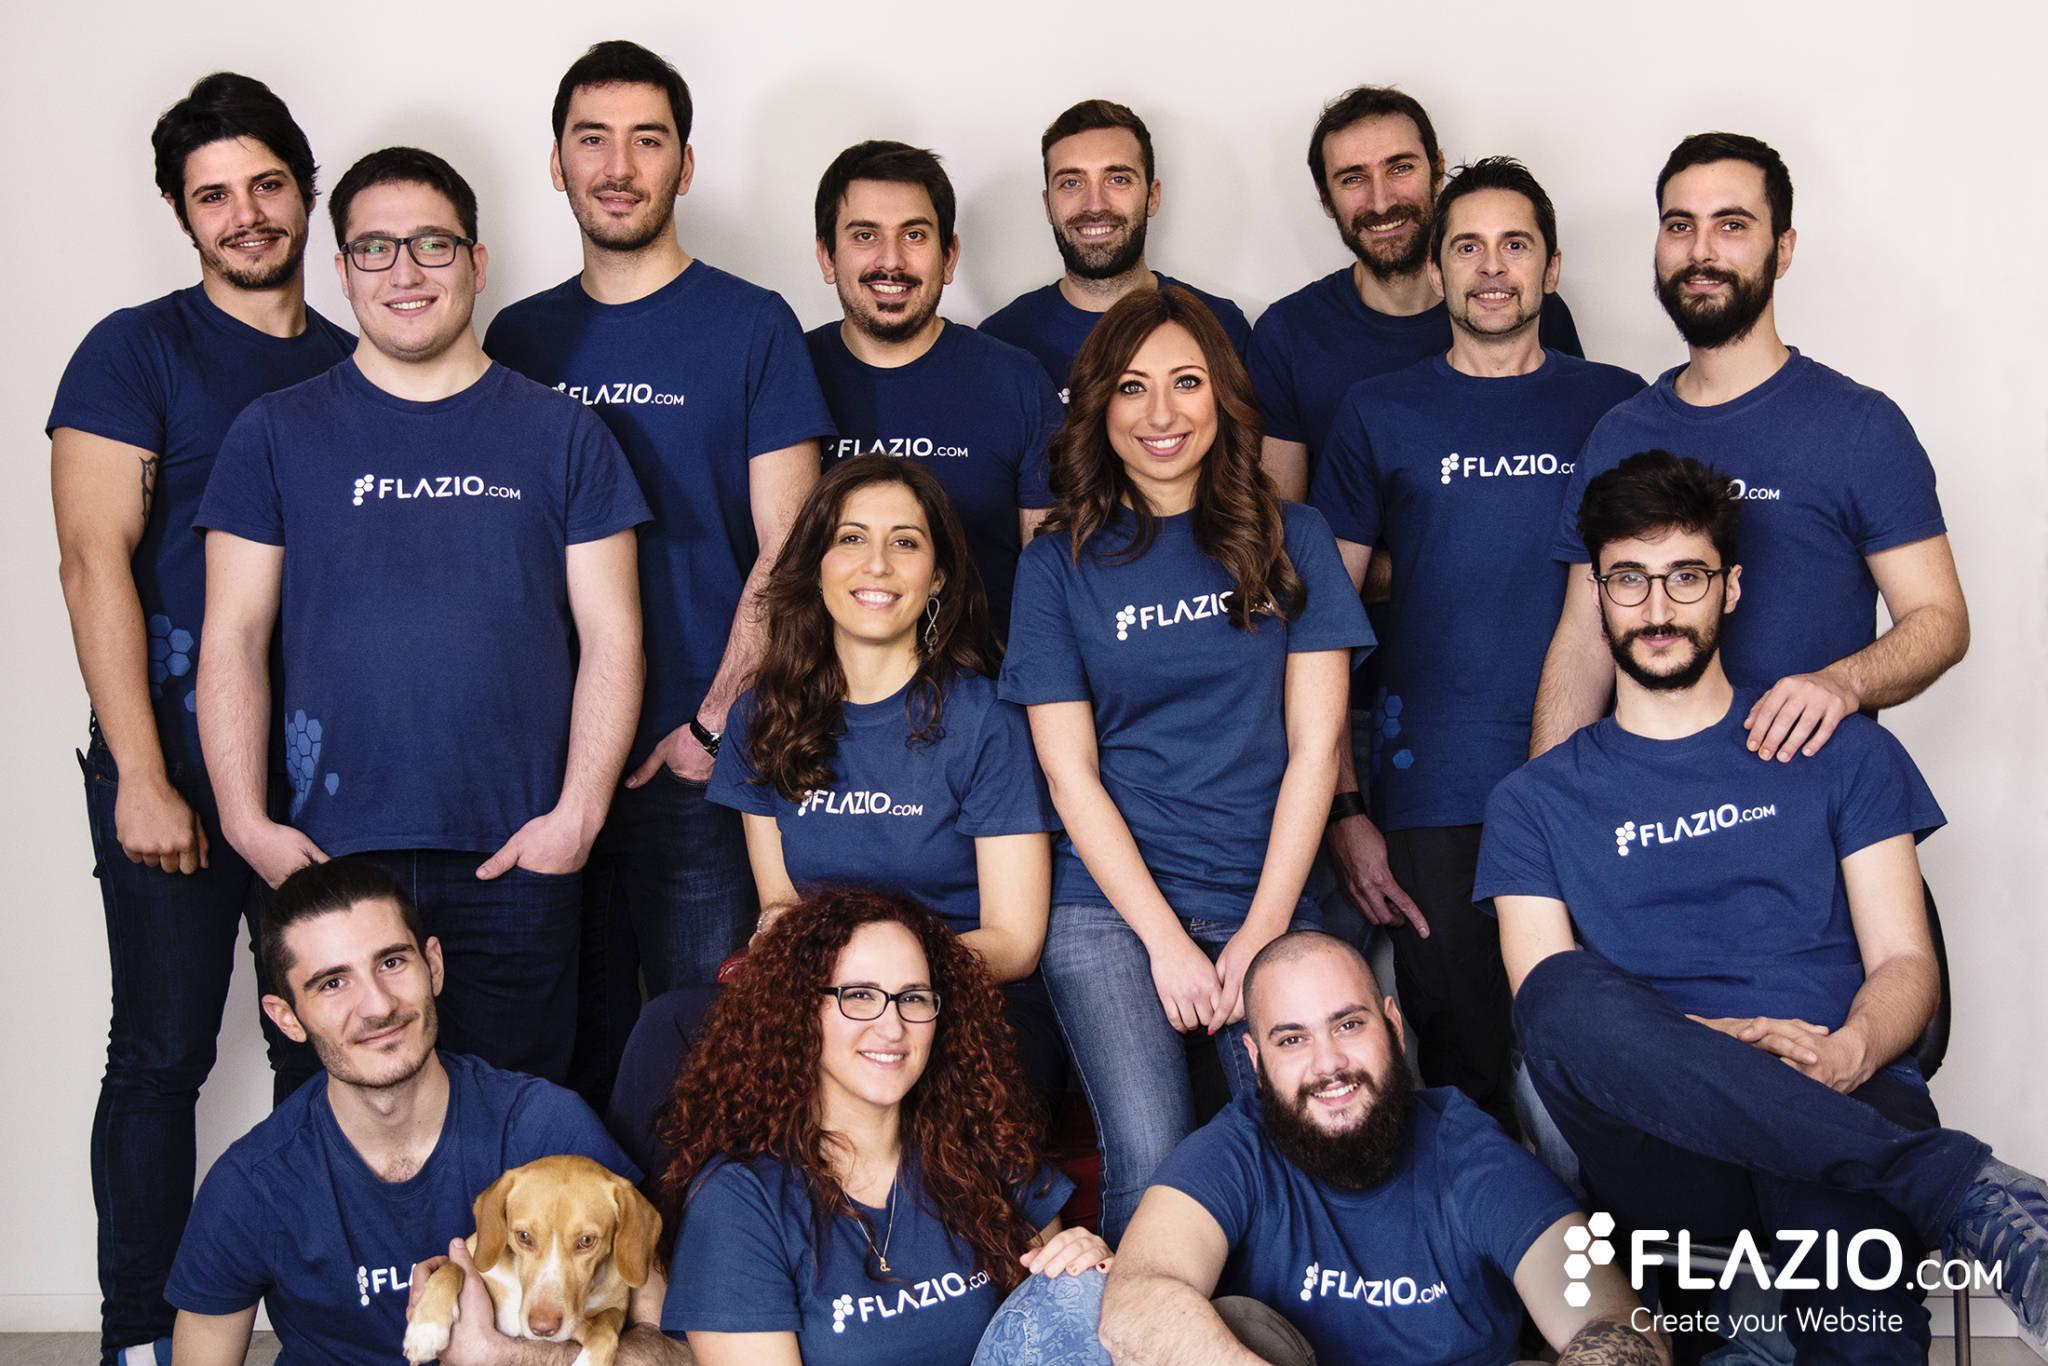 FlazioTeam